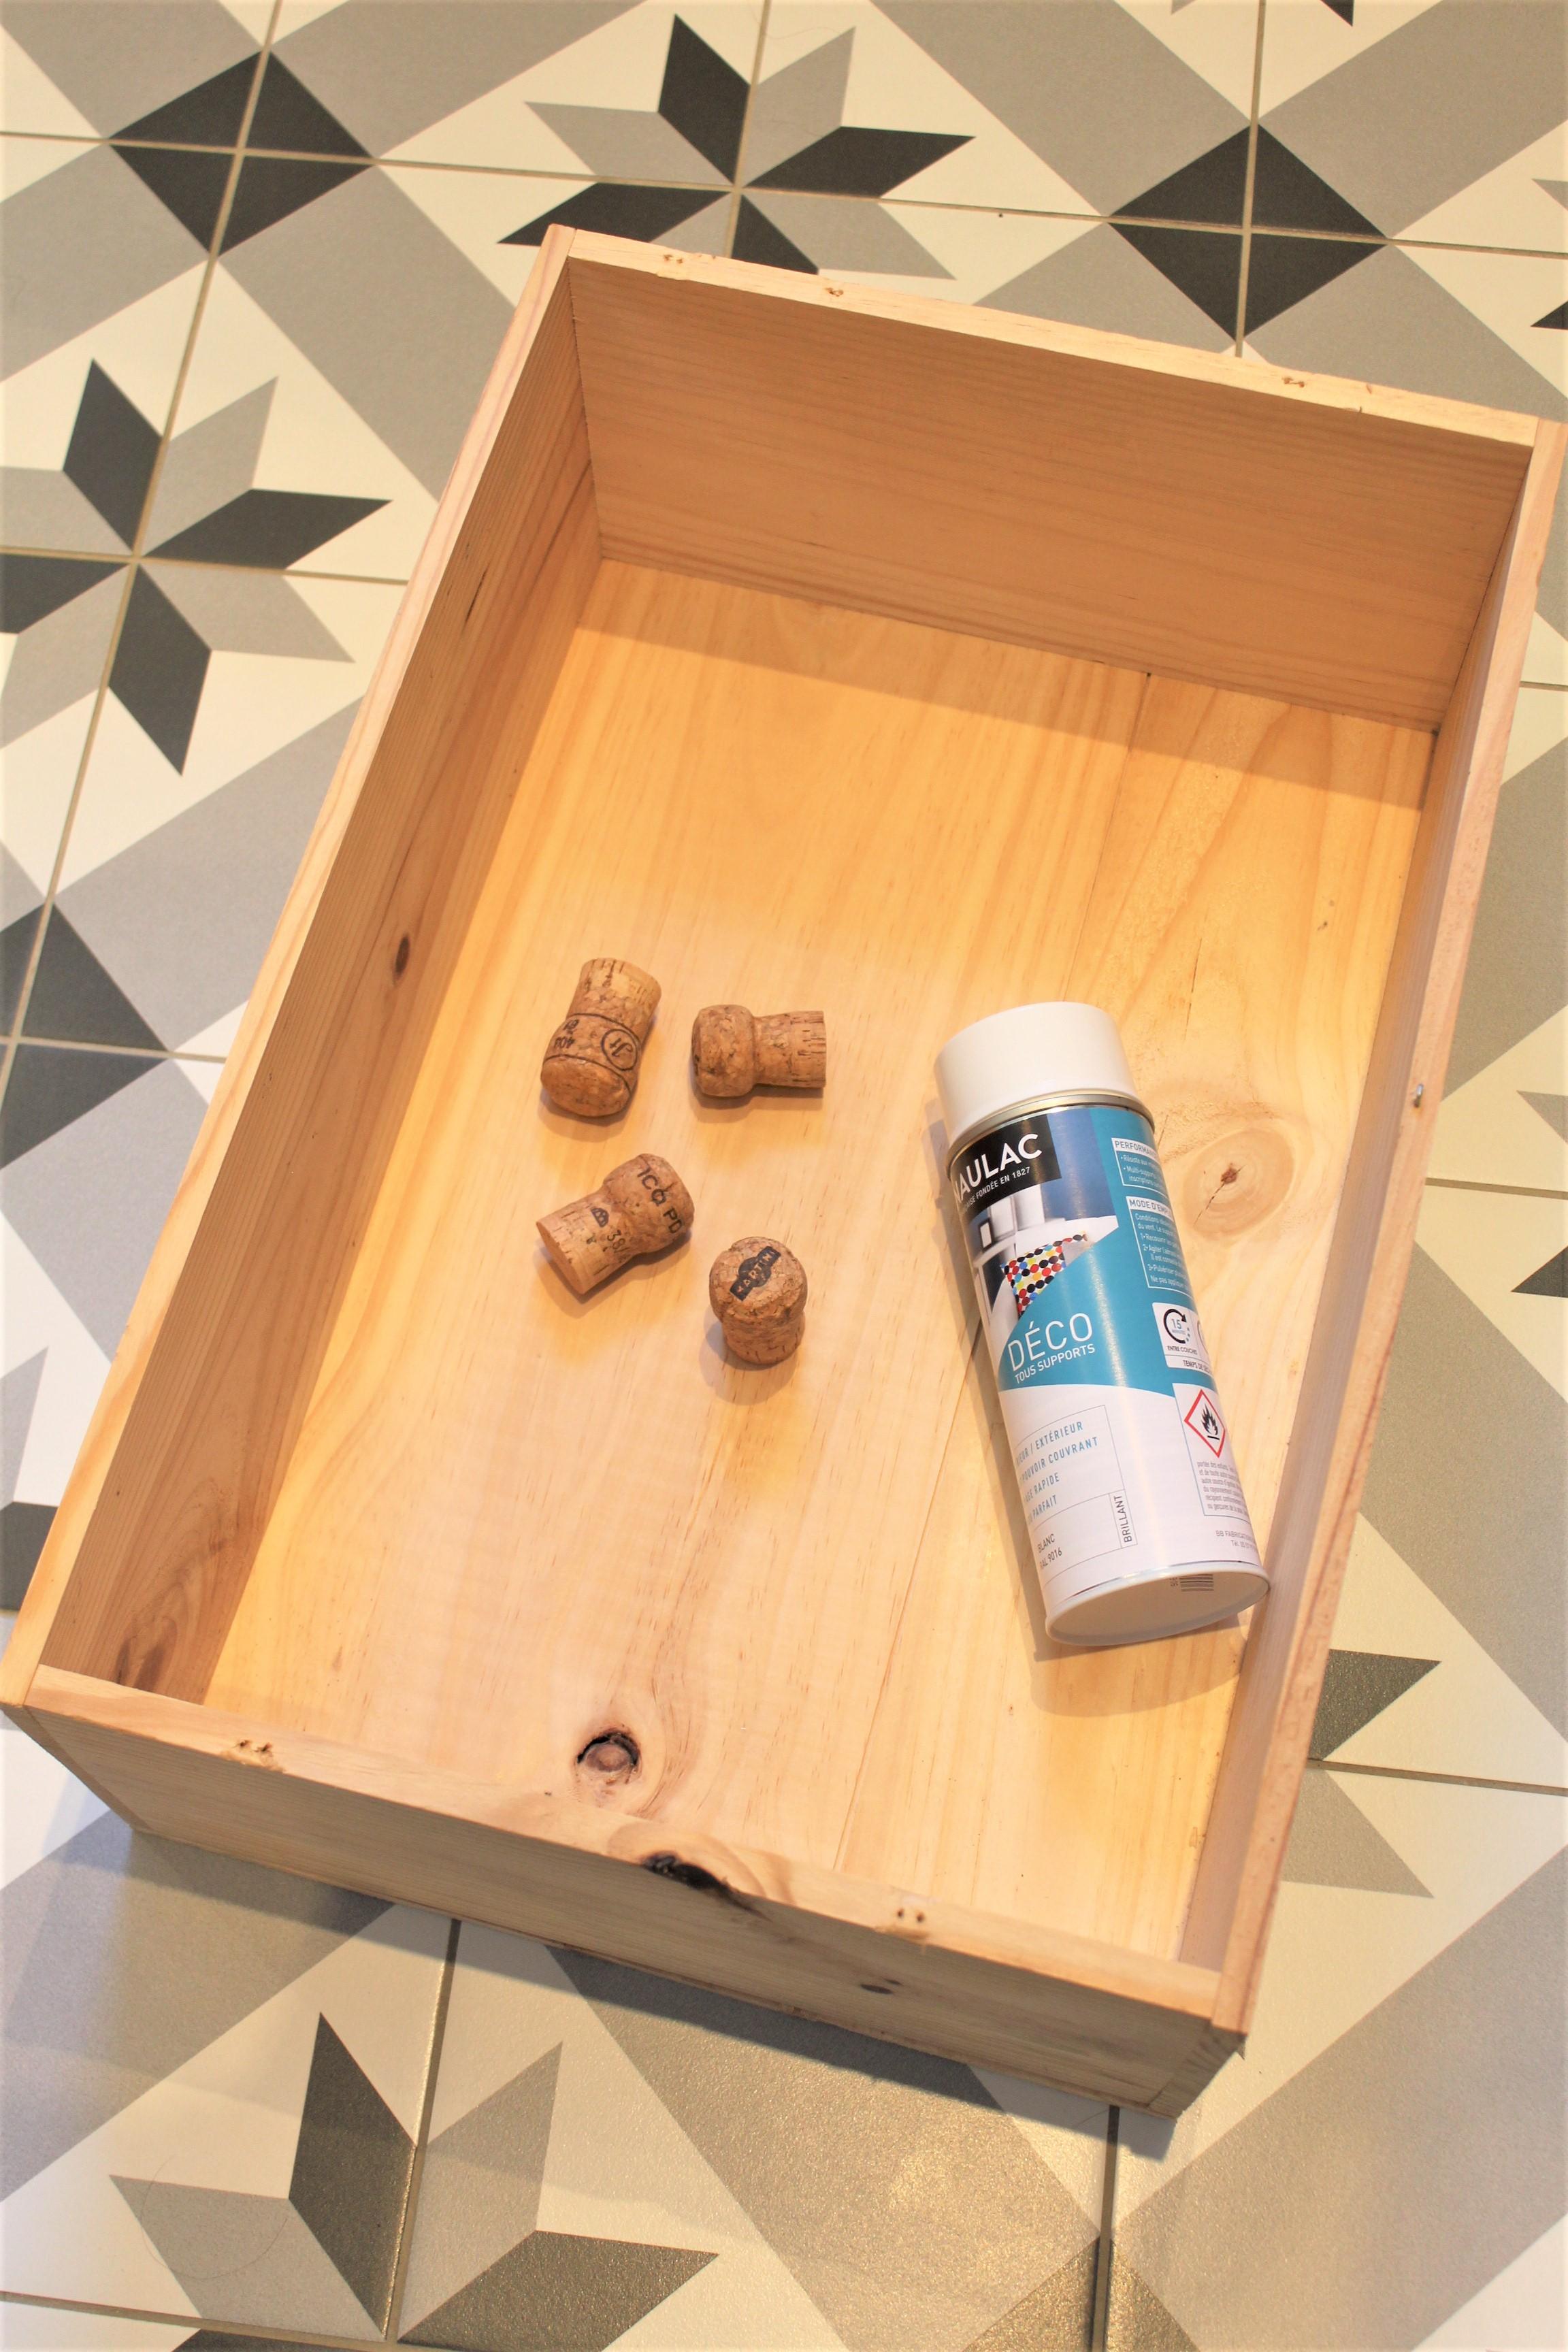 etape-1-collier-diy-tuto-brico-bricolage-caisse-vin-box-wine-peinture-toutlevin-lydie-pteapotes-bijoux-fete-des-meres-maman-42-5 Meilleur De De Table Basse En Caisse Concept